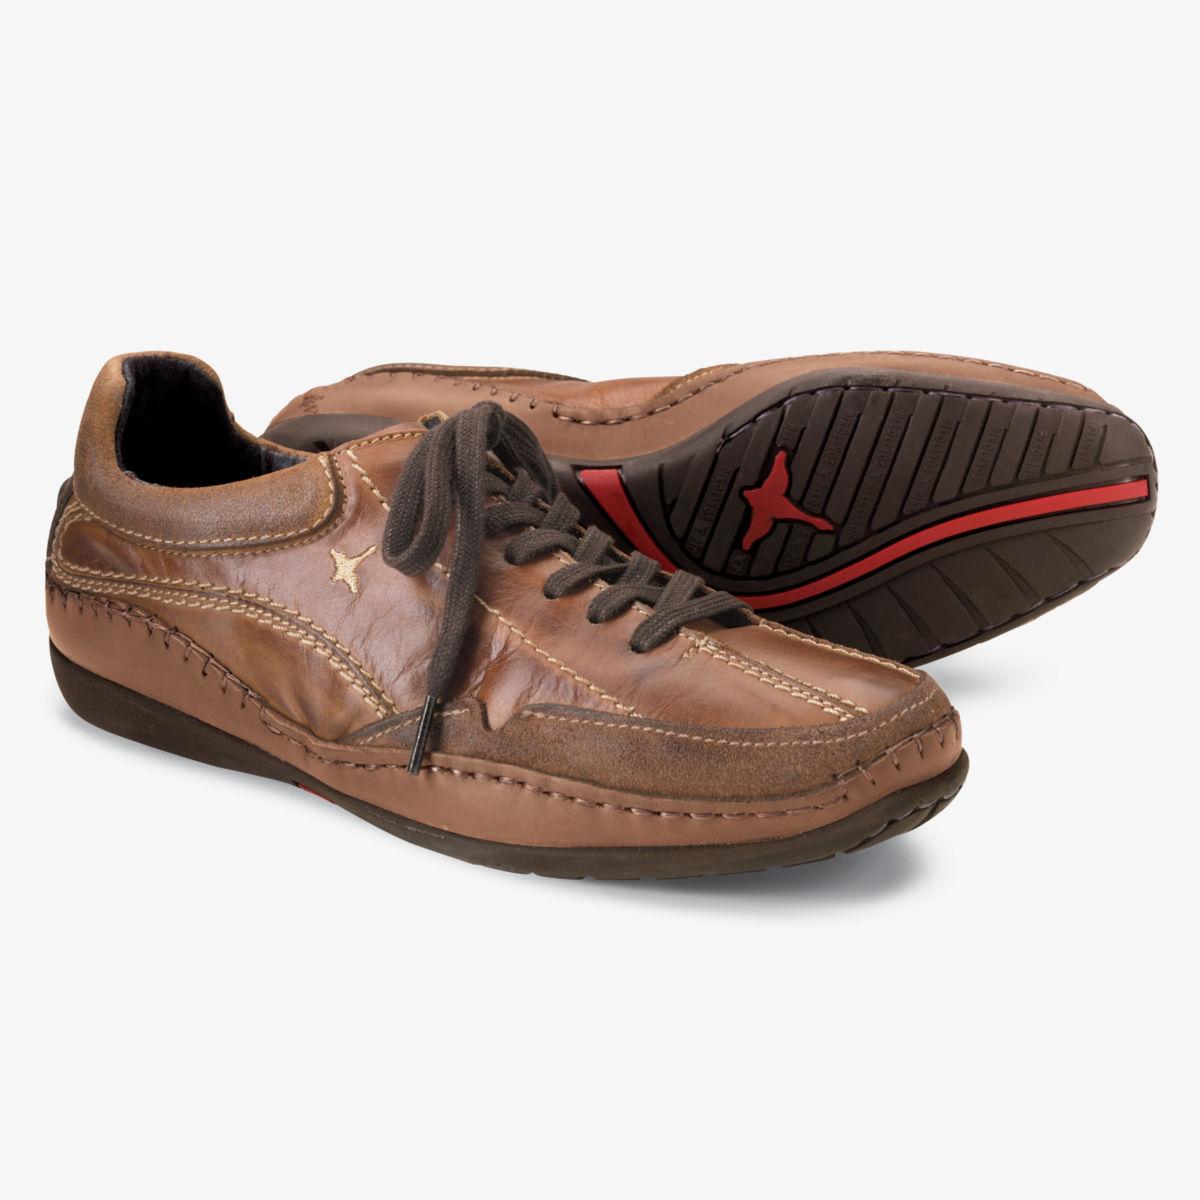 Pikolinos®  Hand-Sewn European Walking Shoe - image number 0